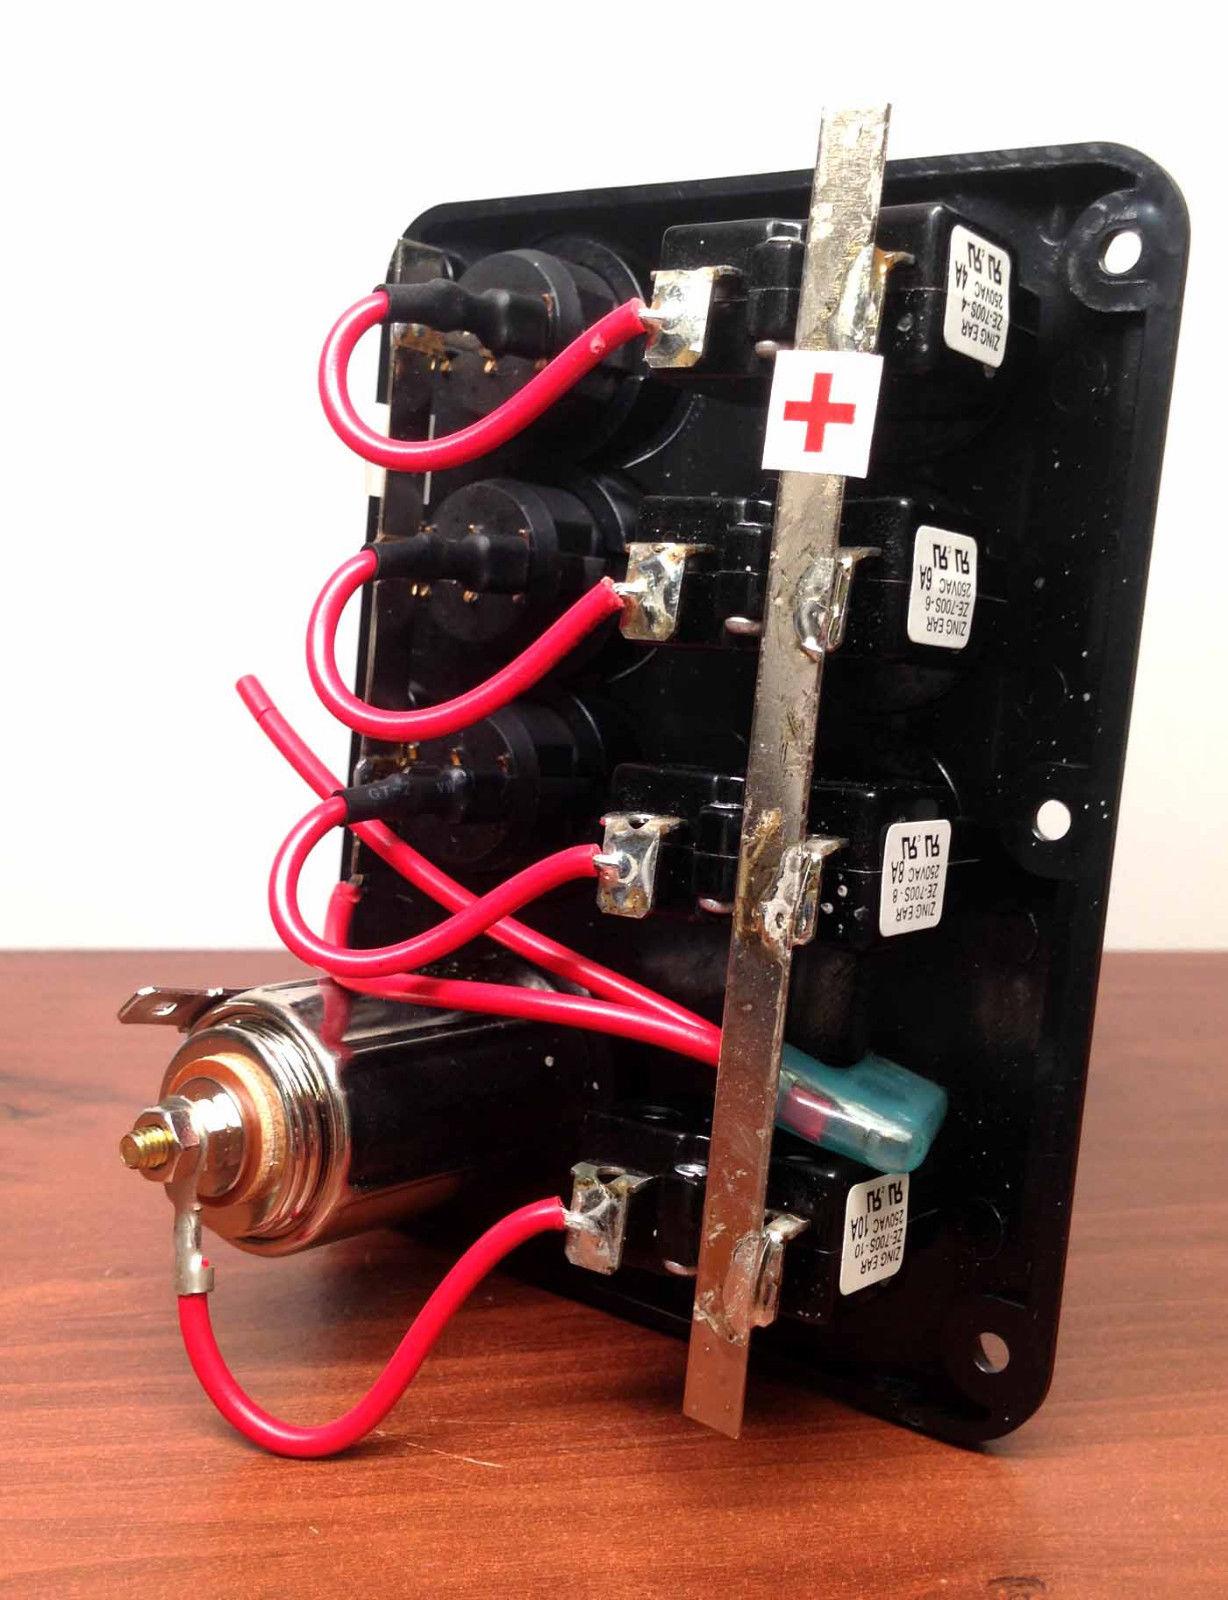 MARINE BOAT SPLASHPROOF 3 GANG SWITCH PANEL WITH SOCKET LED